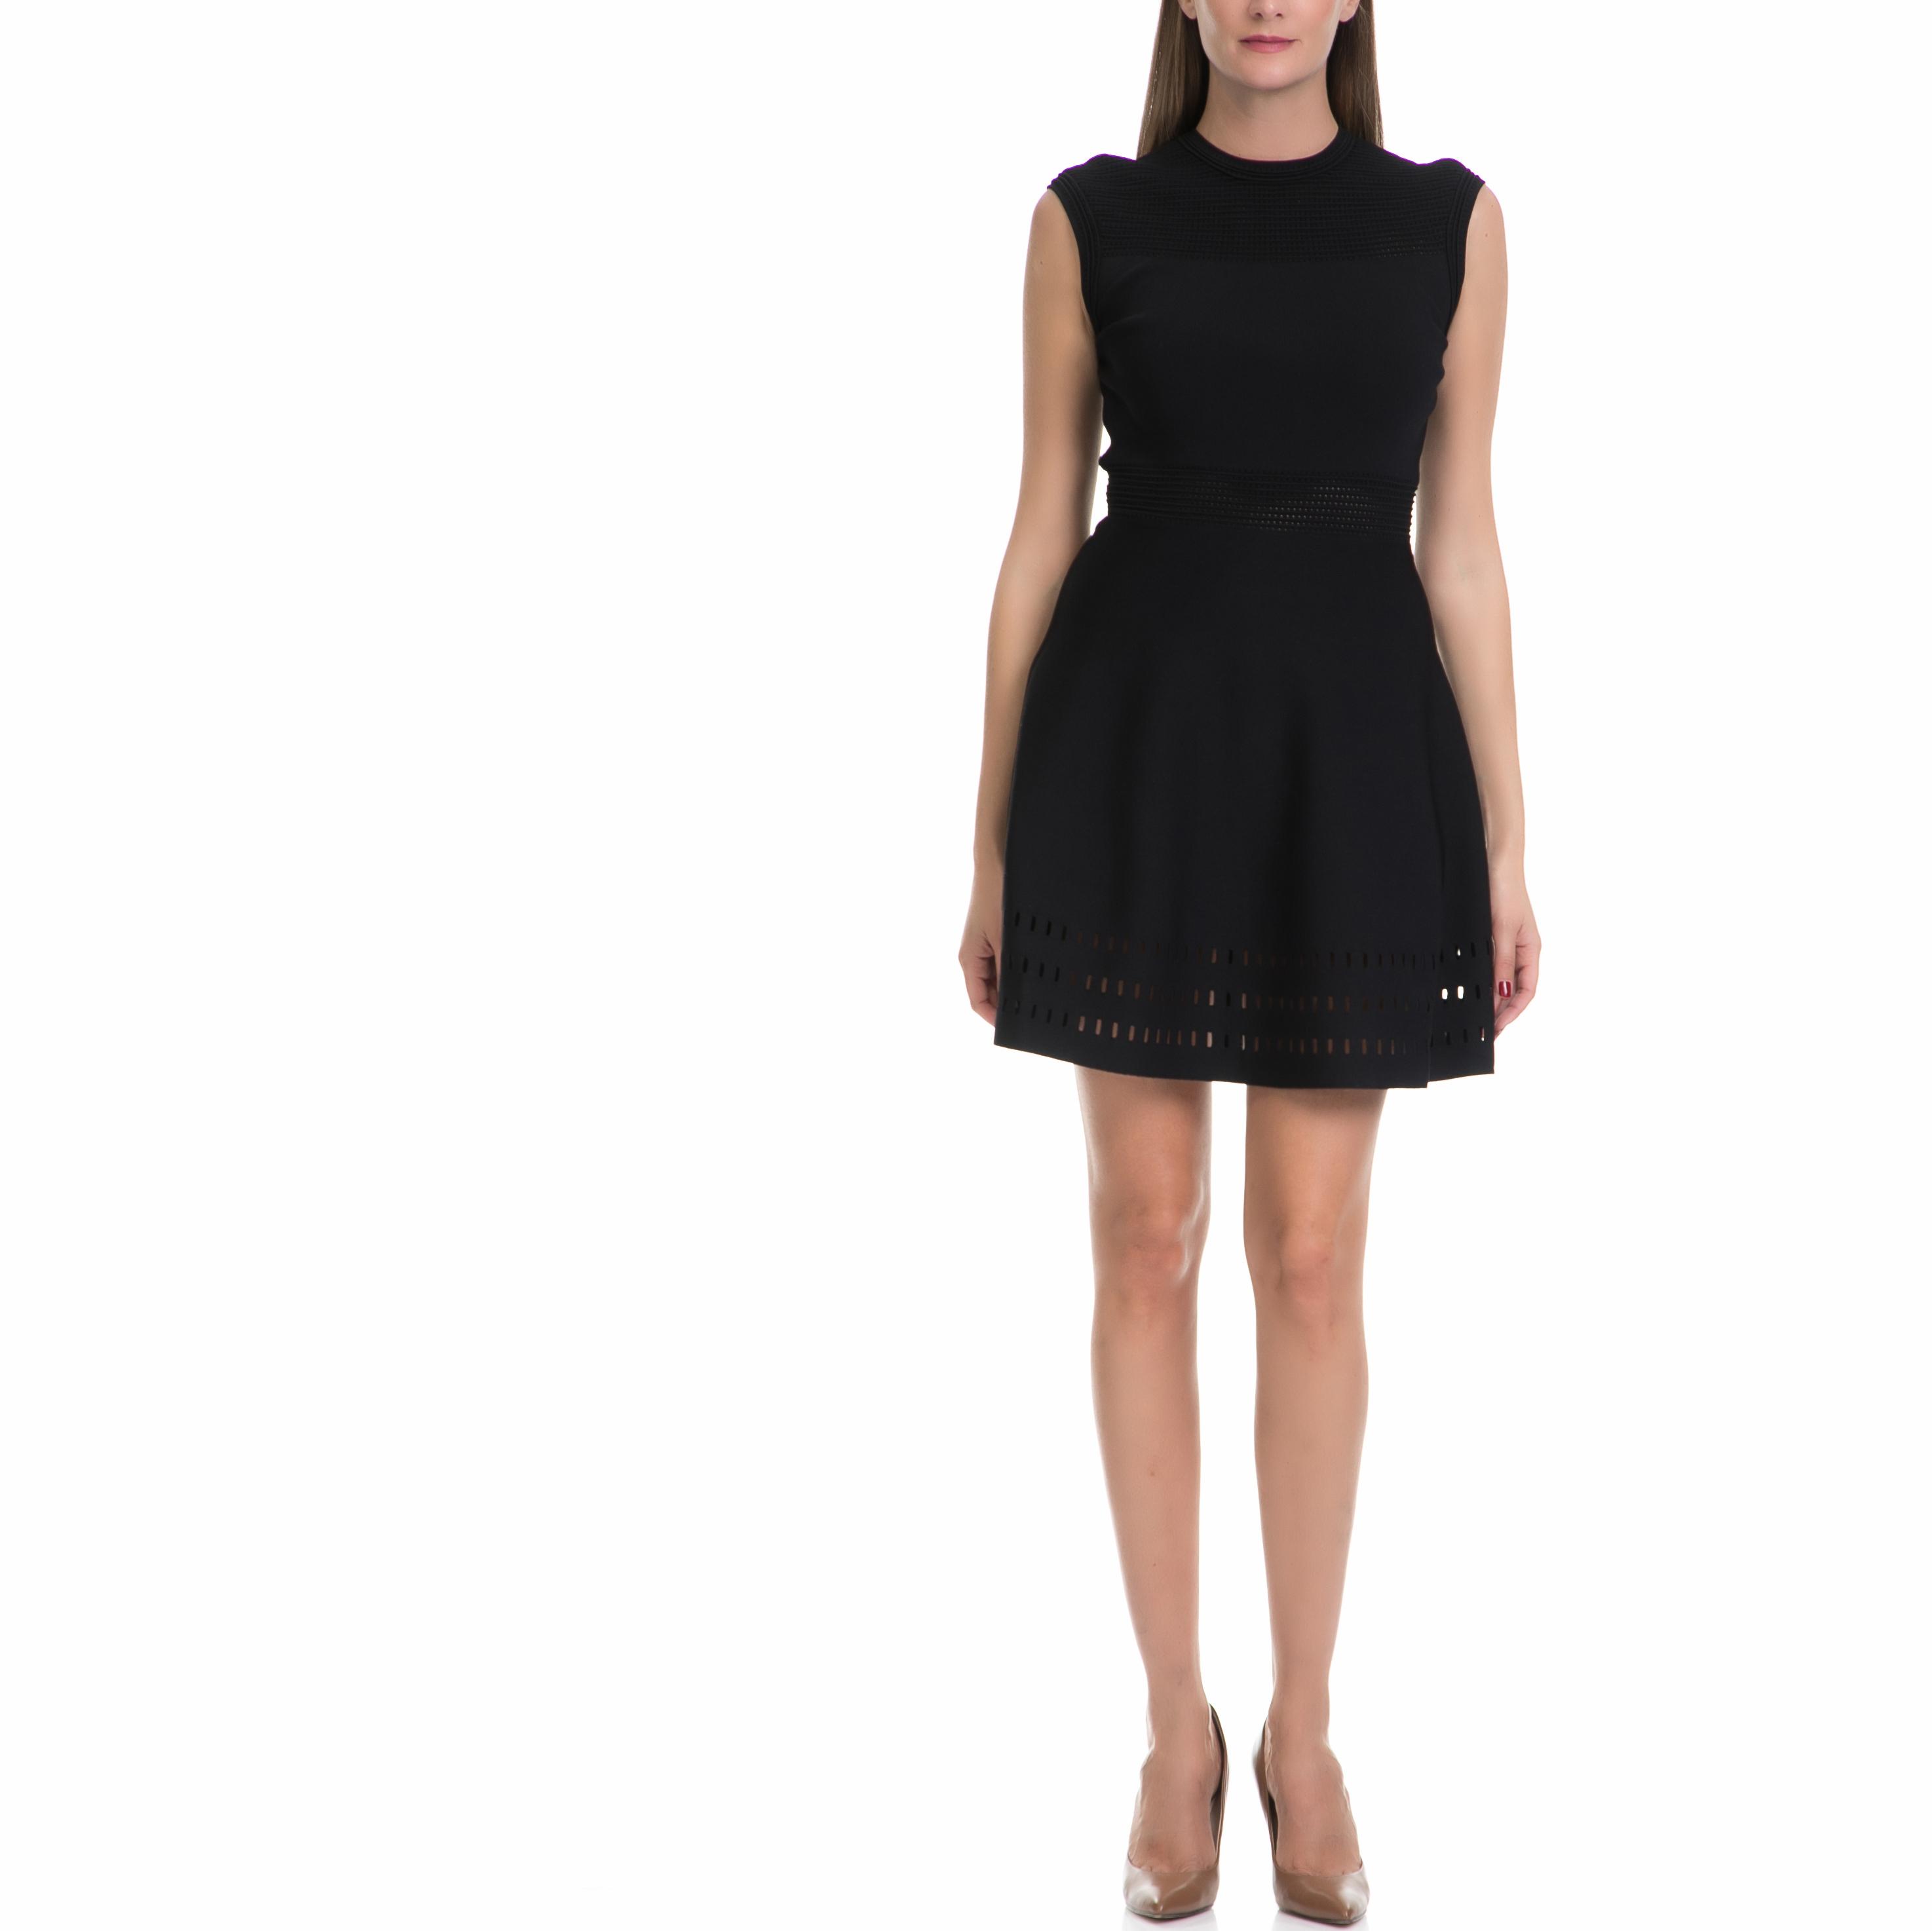 TED BAKER - Γυναικείο φόρεμα AURBRAY TED BAKER μαύρο γυναικεία ρούχα φορέματα μίνι